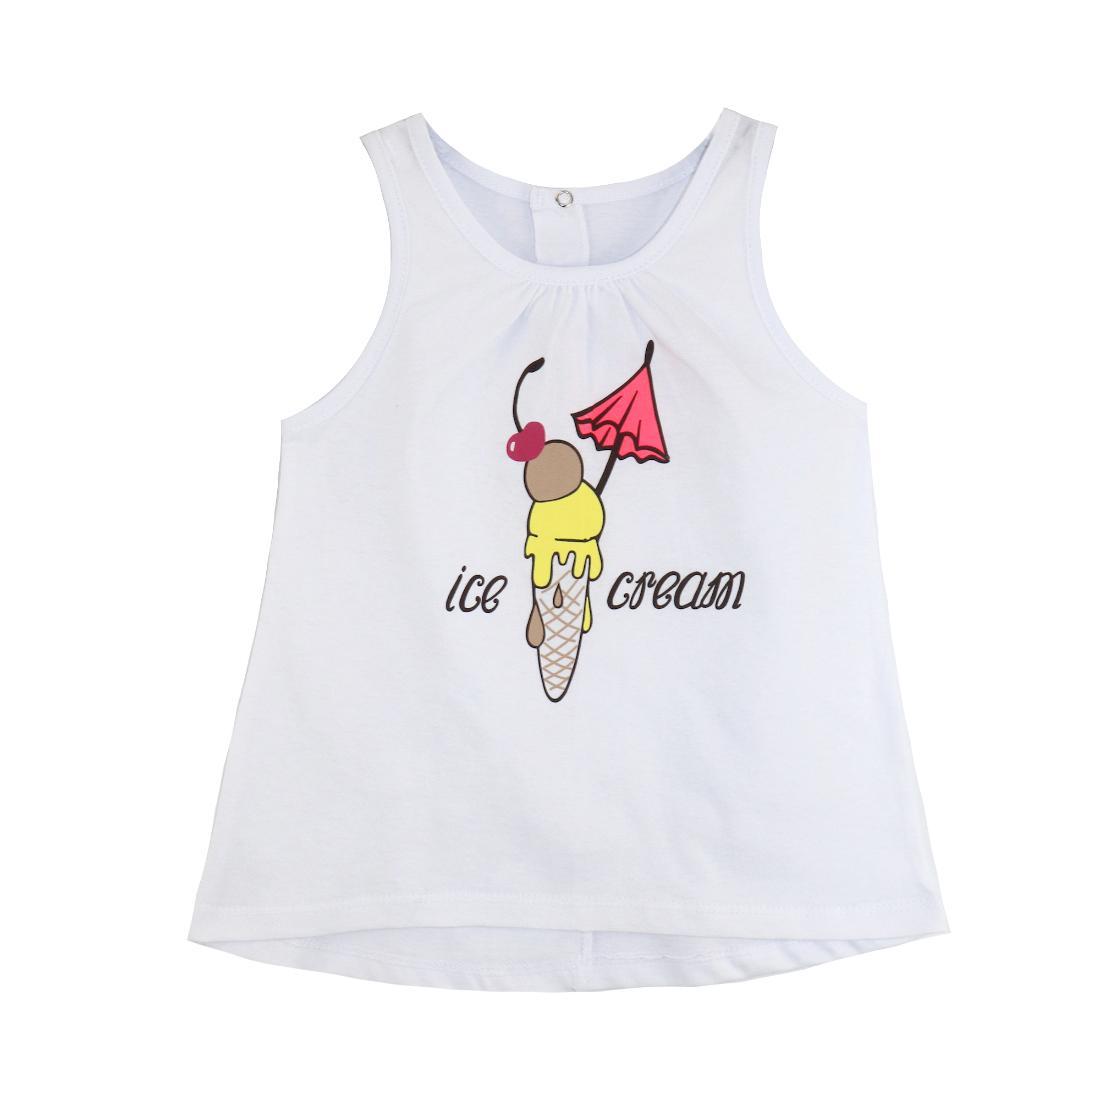 Купить 723к ап, Майка детская Юлла, цв. белый р. 80, Детские футболки